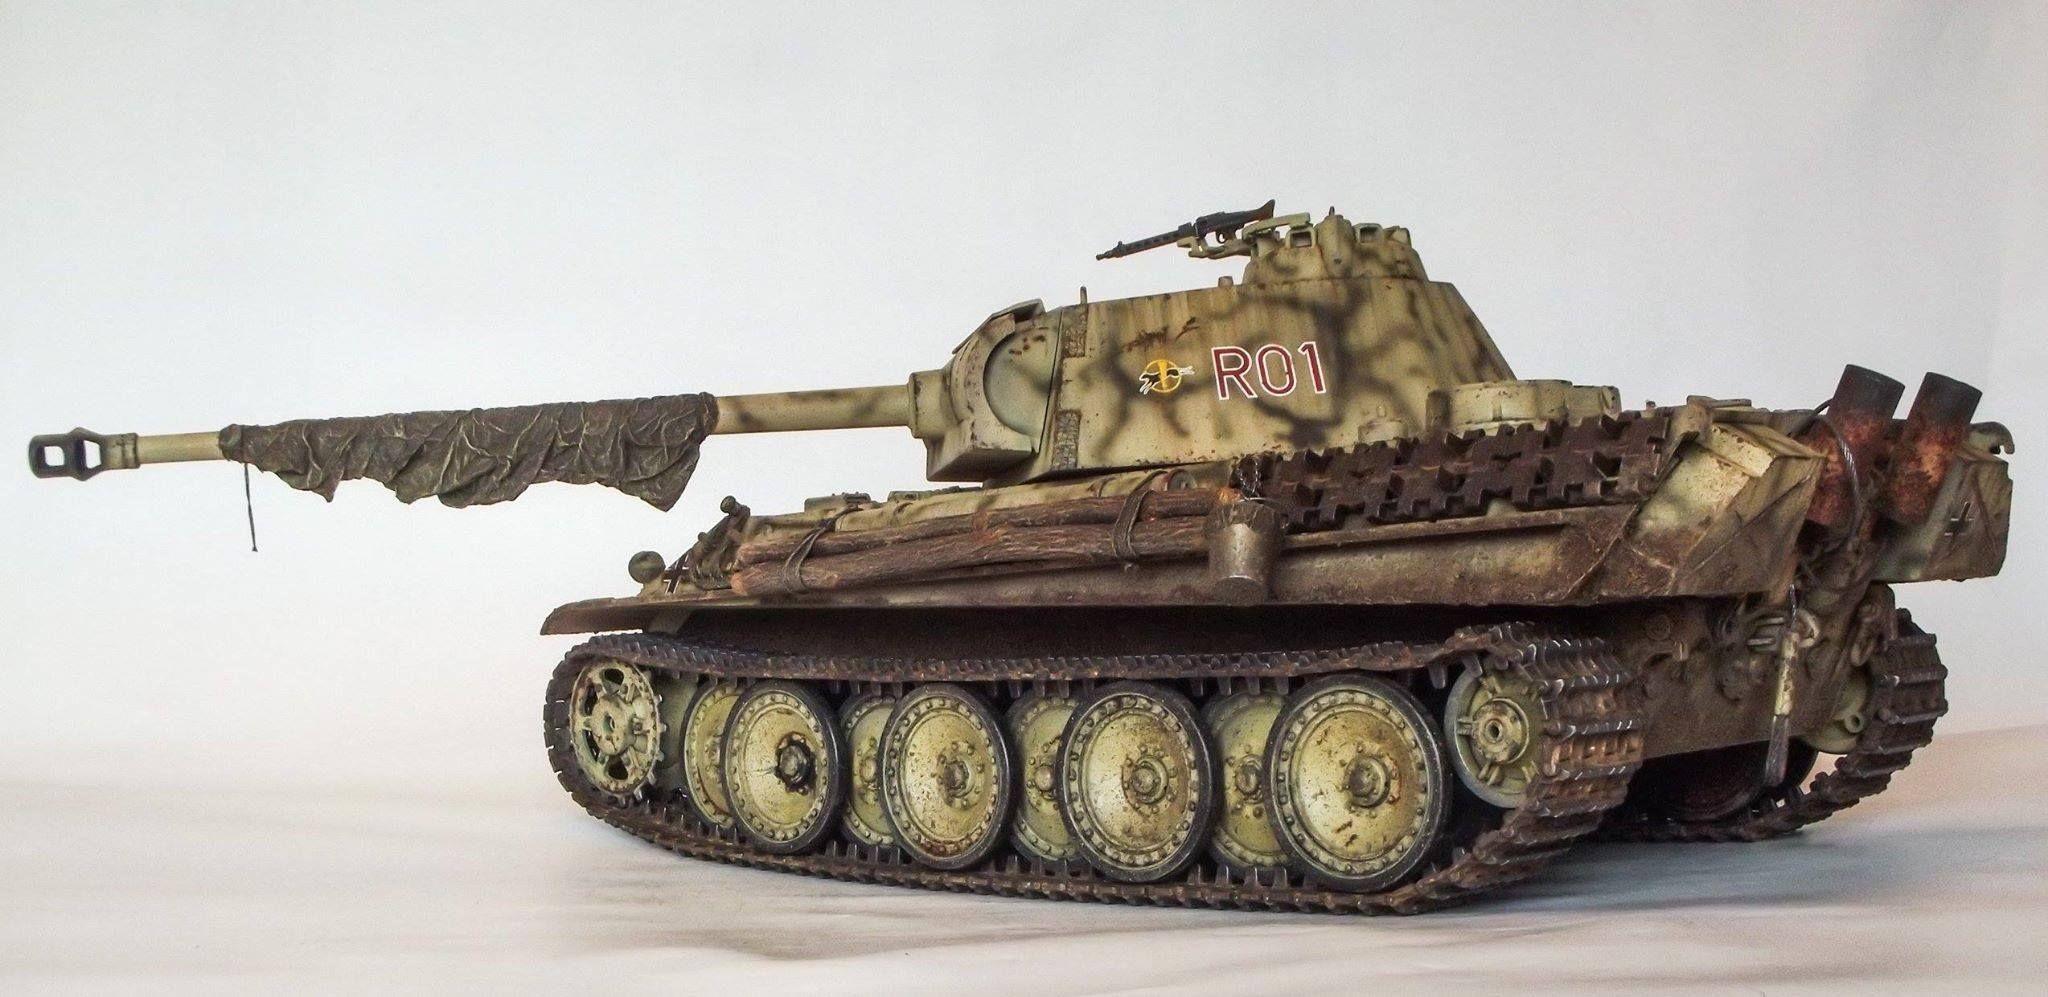 Tank Papercraft O 2048—997